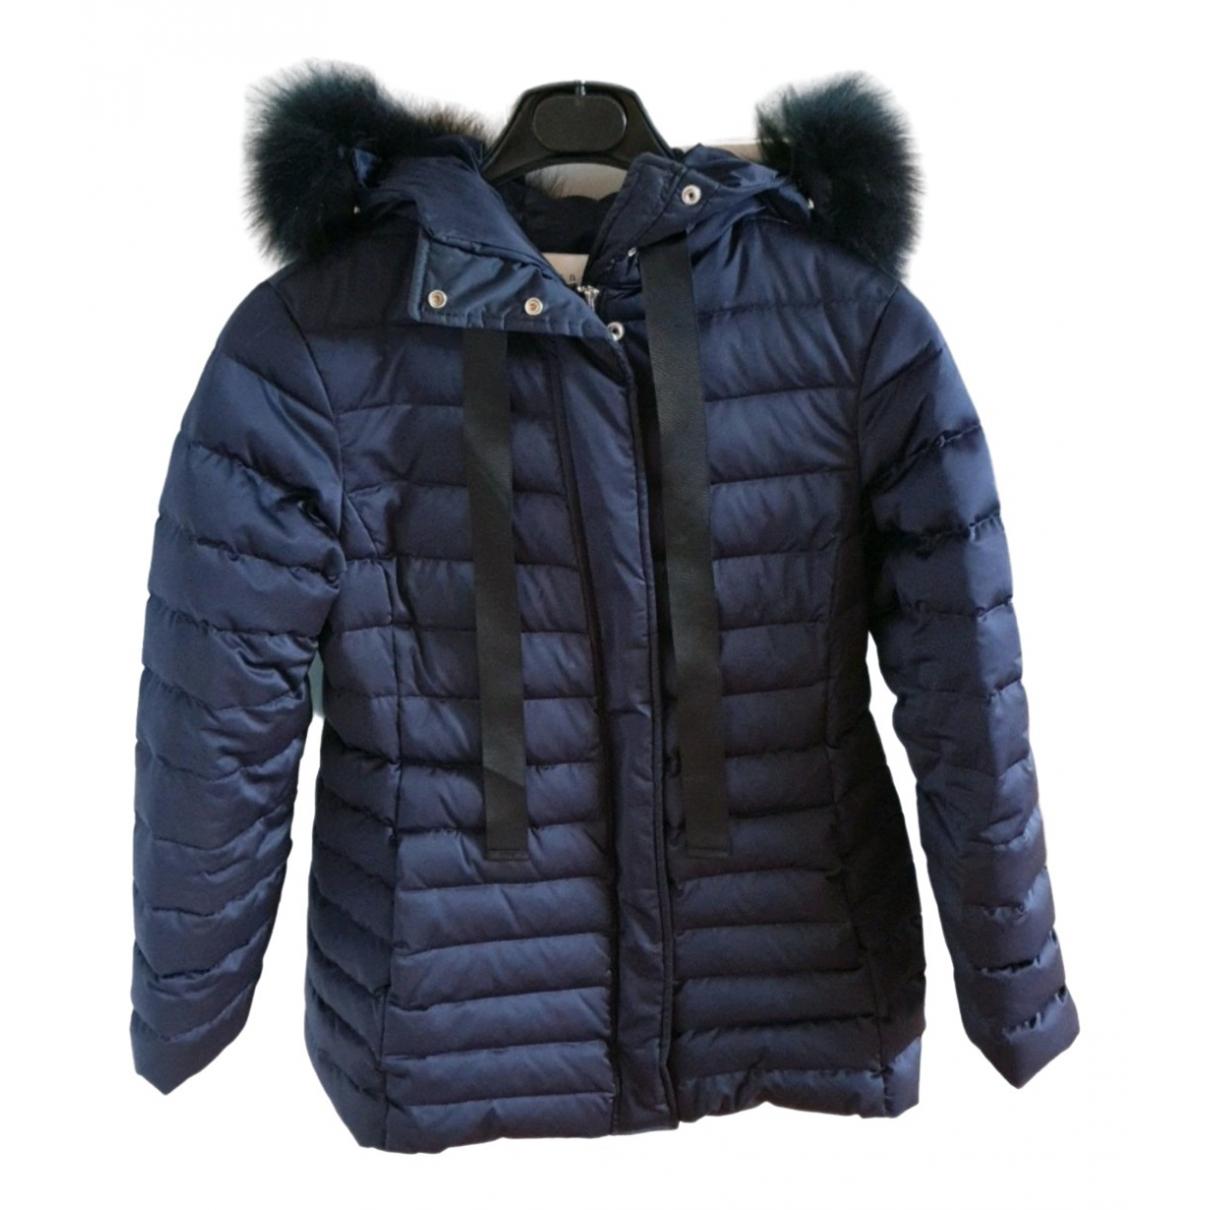 Sandro \N Blue coat for Women 36 FR